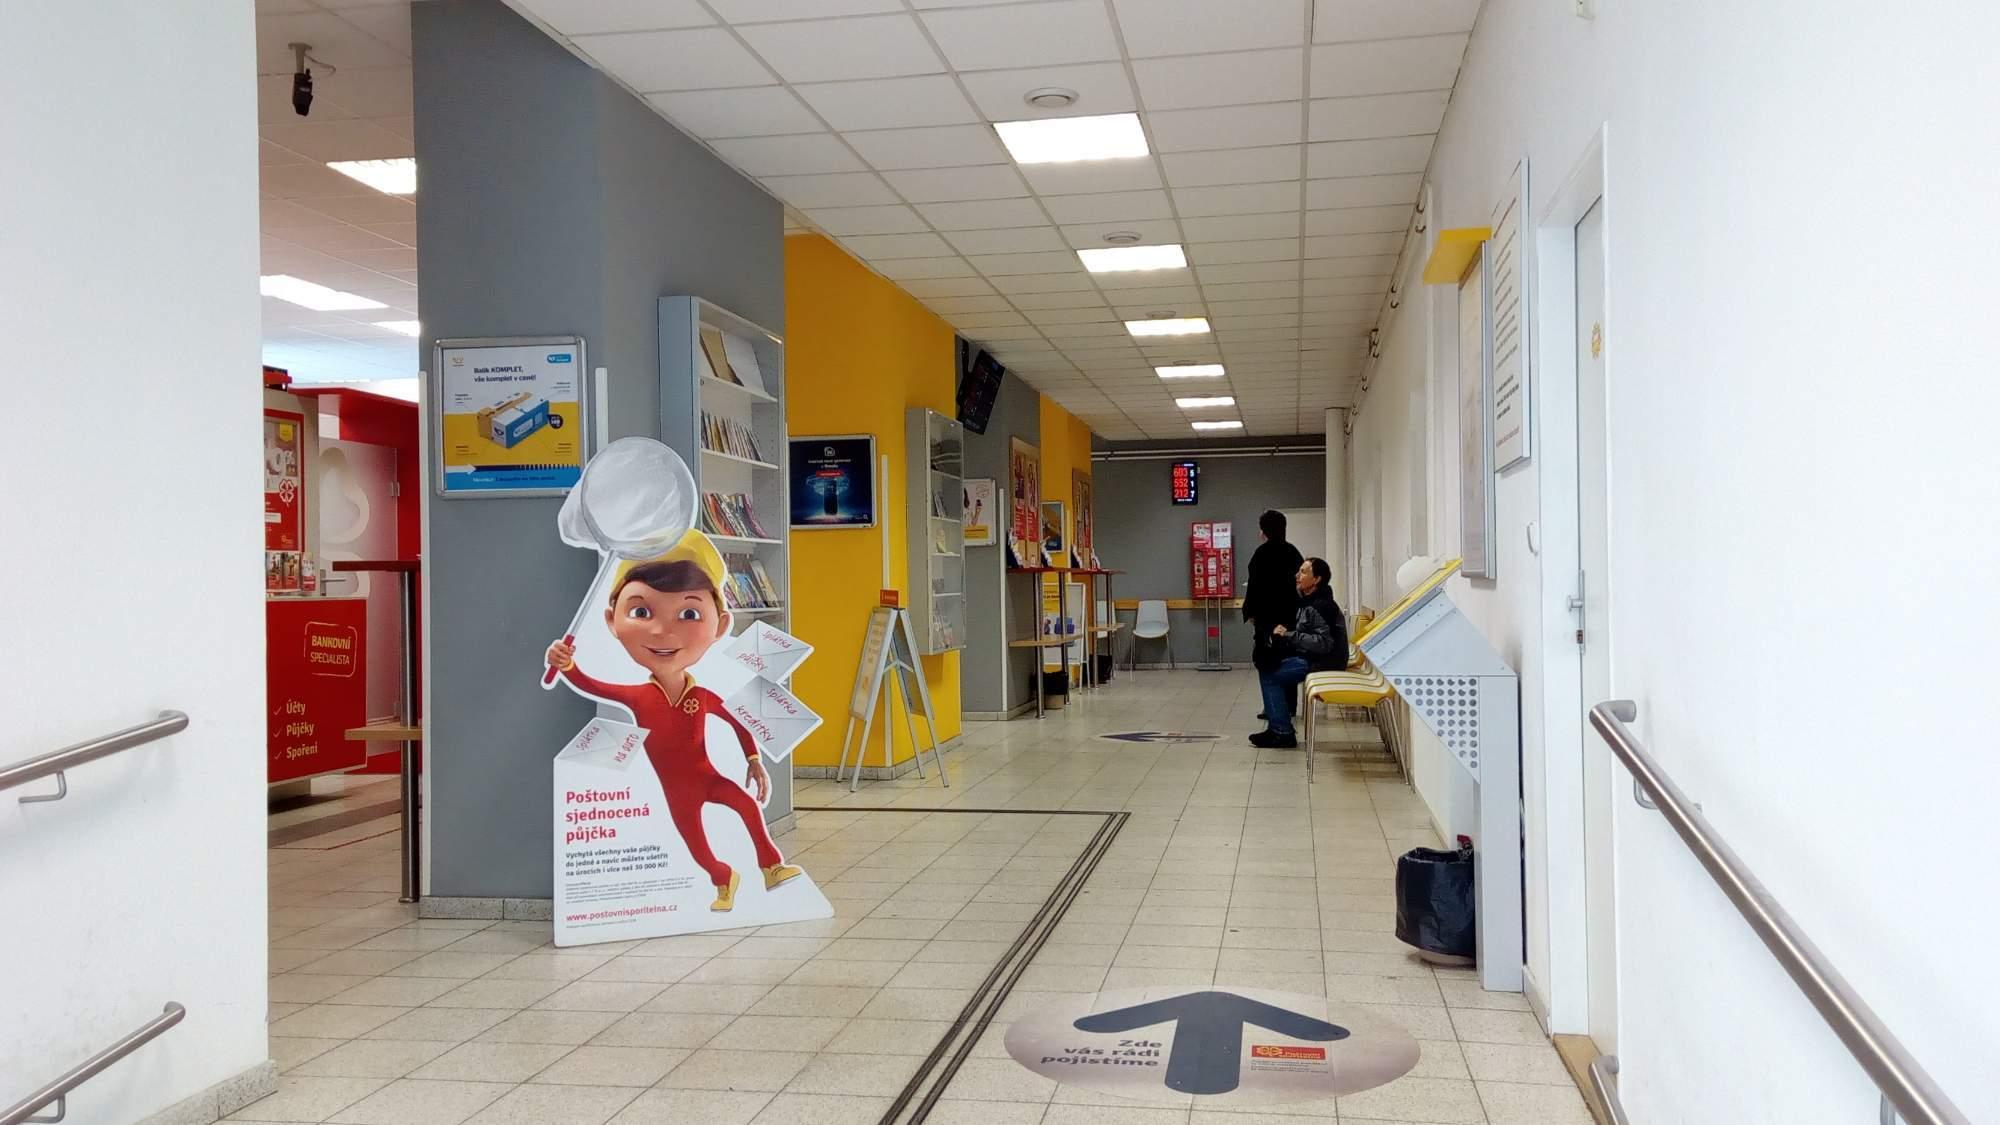 Pošta v Blansku asi pět minut chůze od autobusového nádraží. Foto: Ladislav Zouhar.